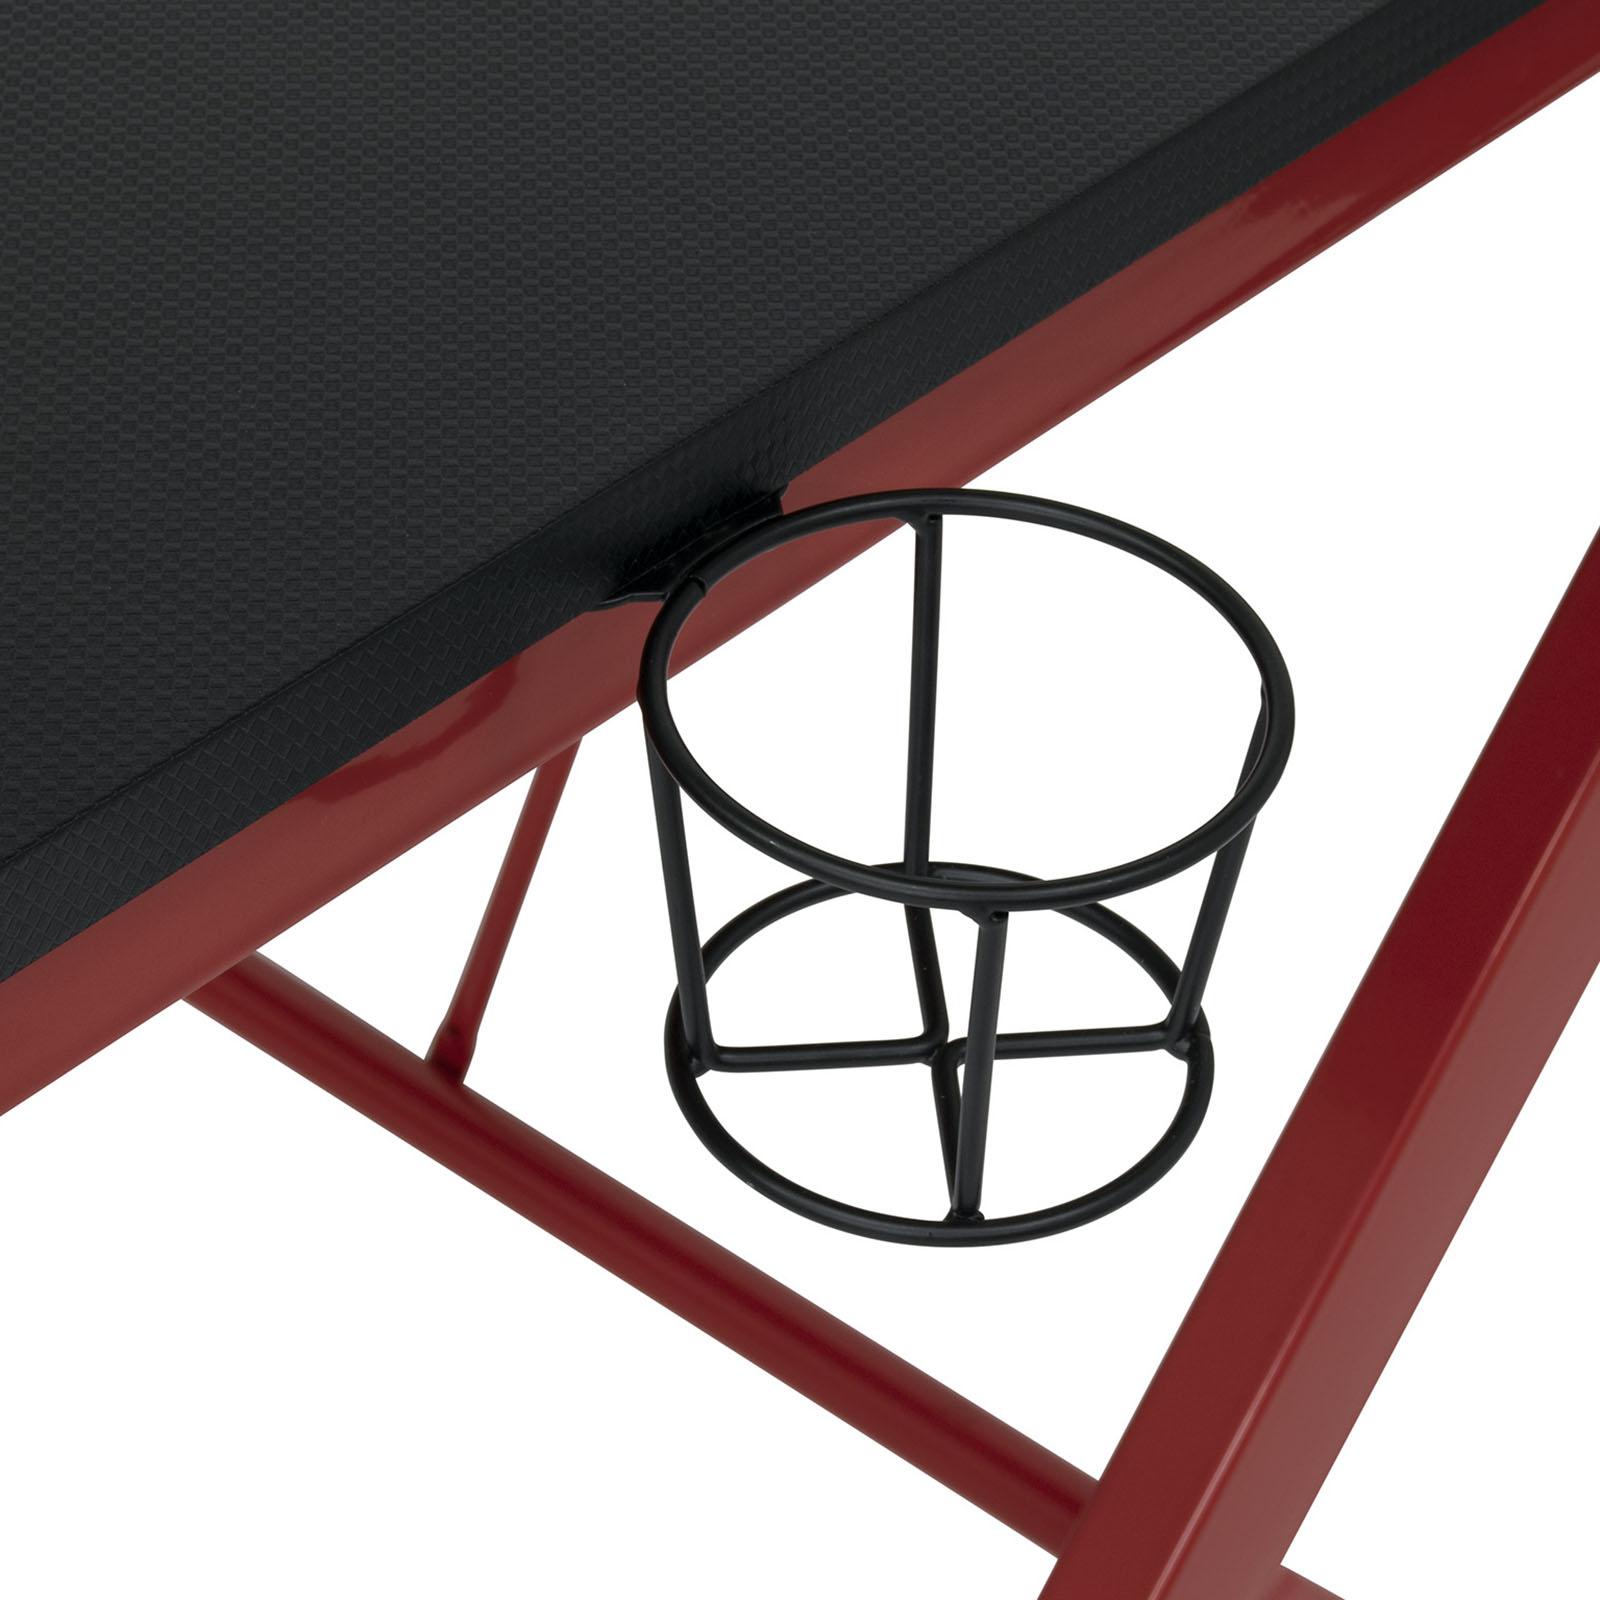 51254 Quest Desk detail4b